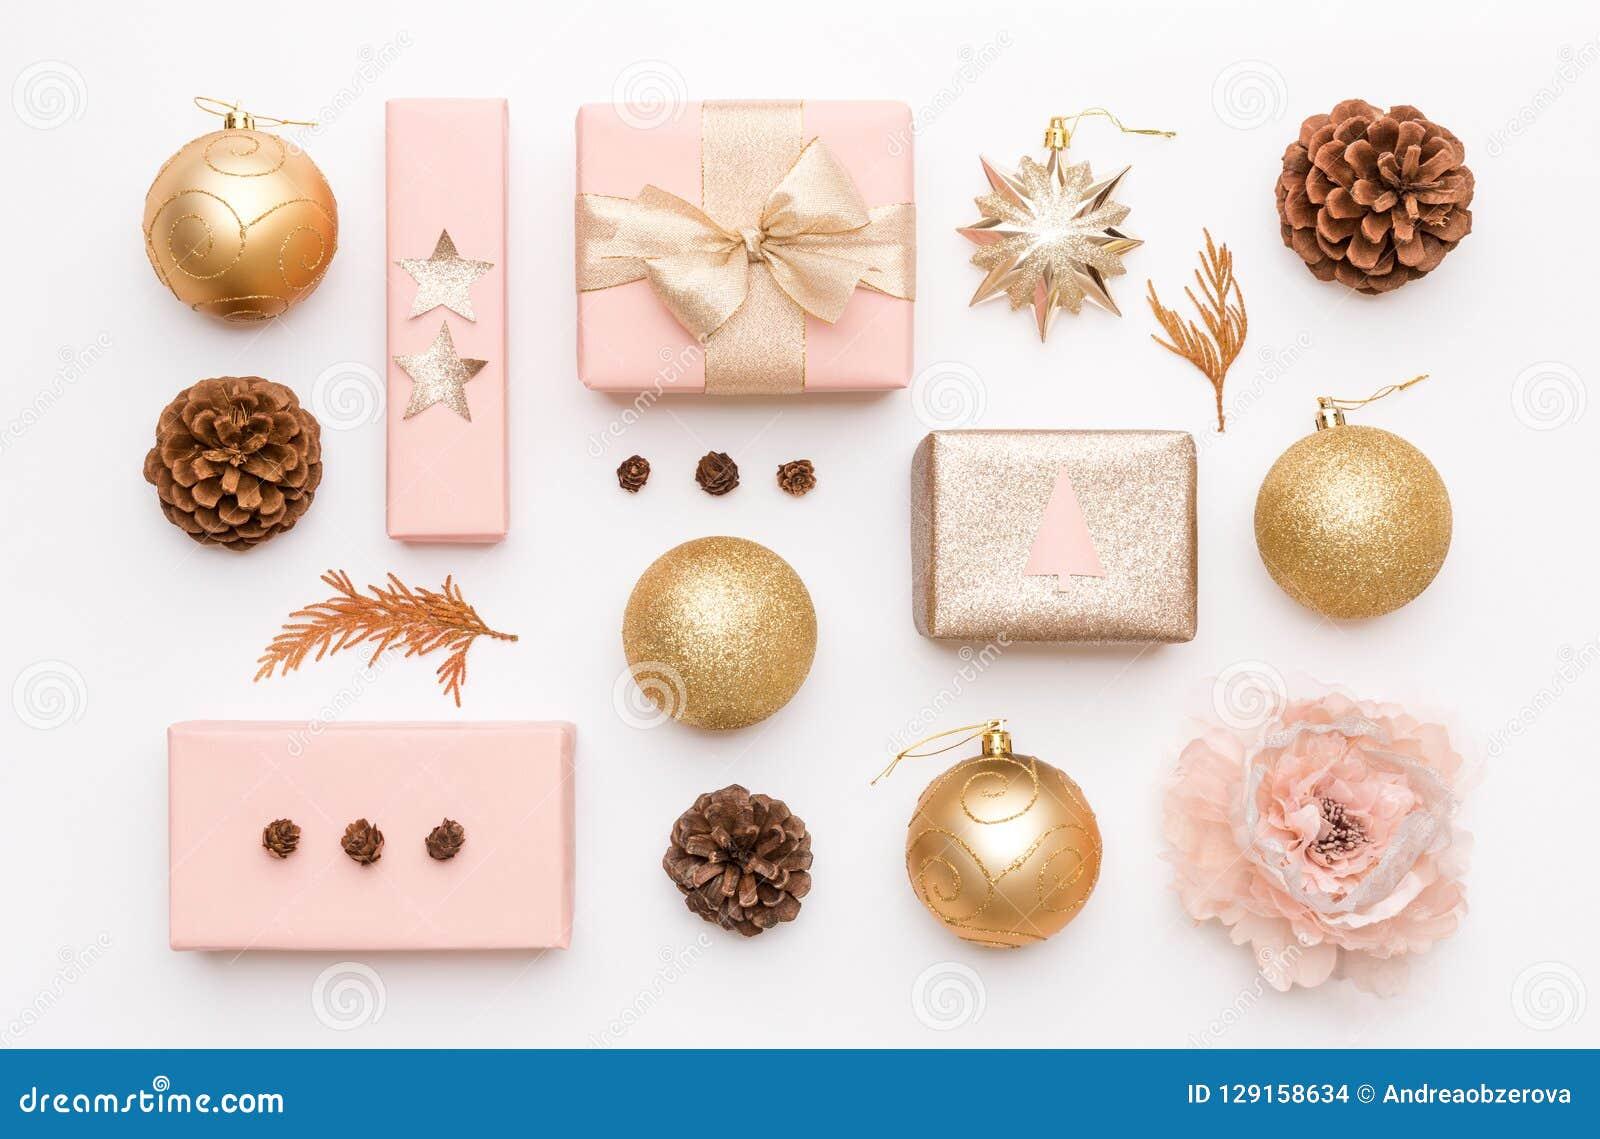 Пинк и подарки рождества золота изолированные на белой предпосылке Обернутые коробки xmas, орнаменты рождества, безделушки и кону